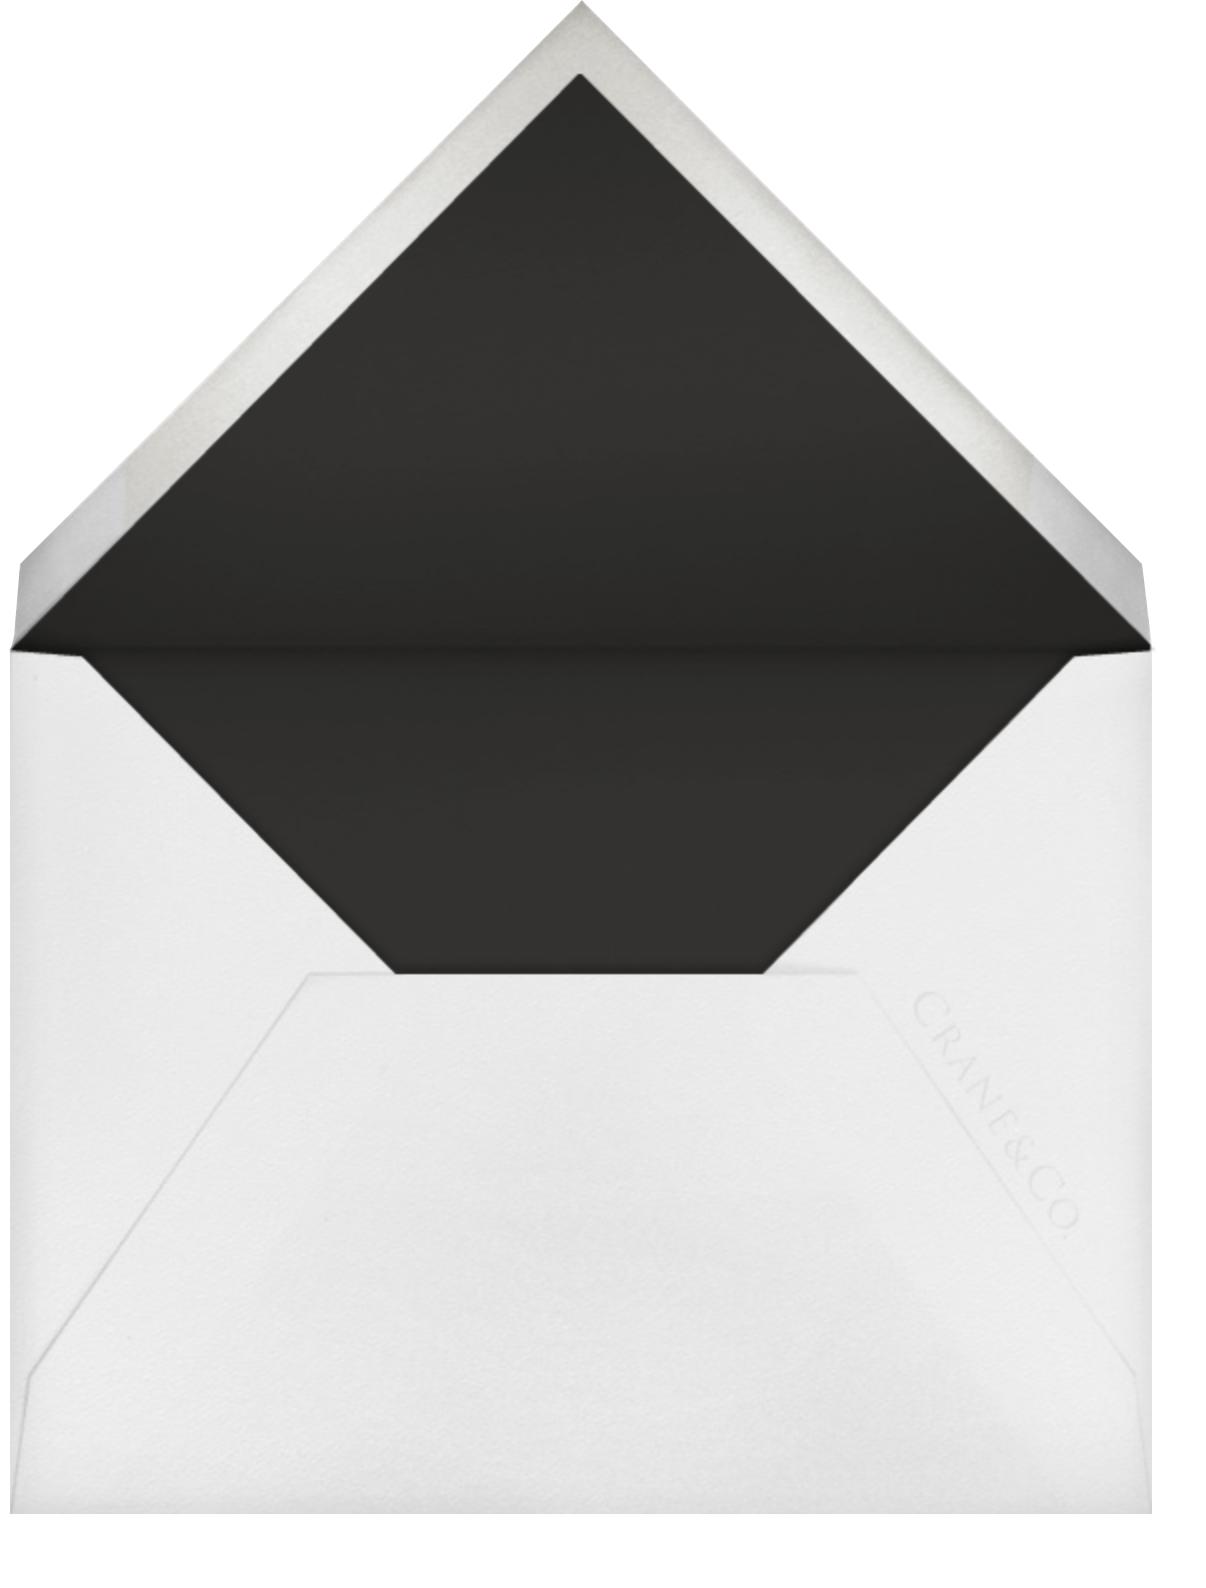 Moiré I - Medium Gold - Kelly Wearstler - Adult birthday - envelope back